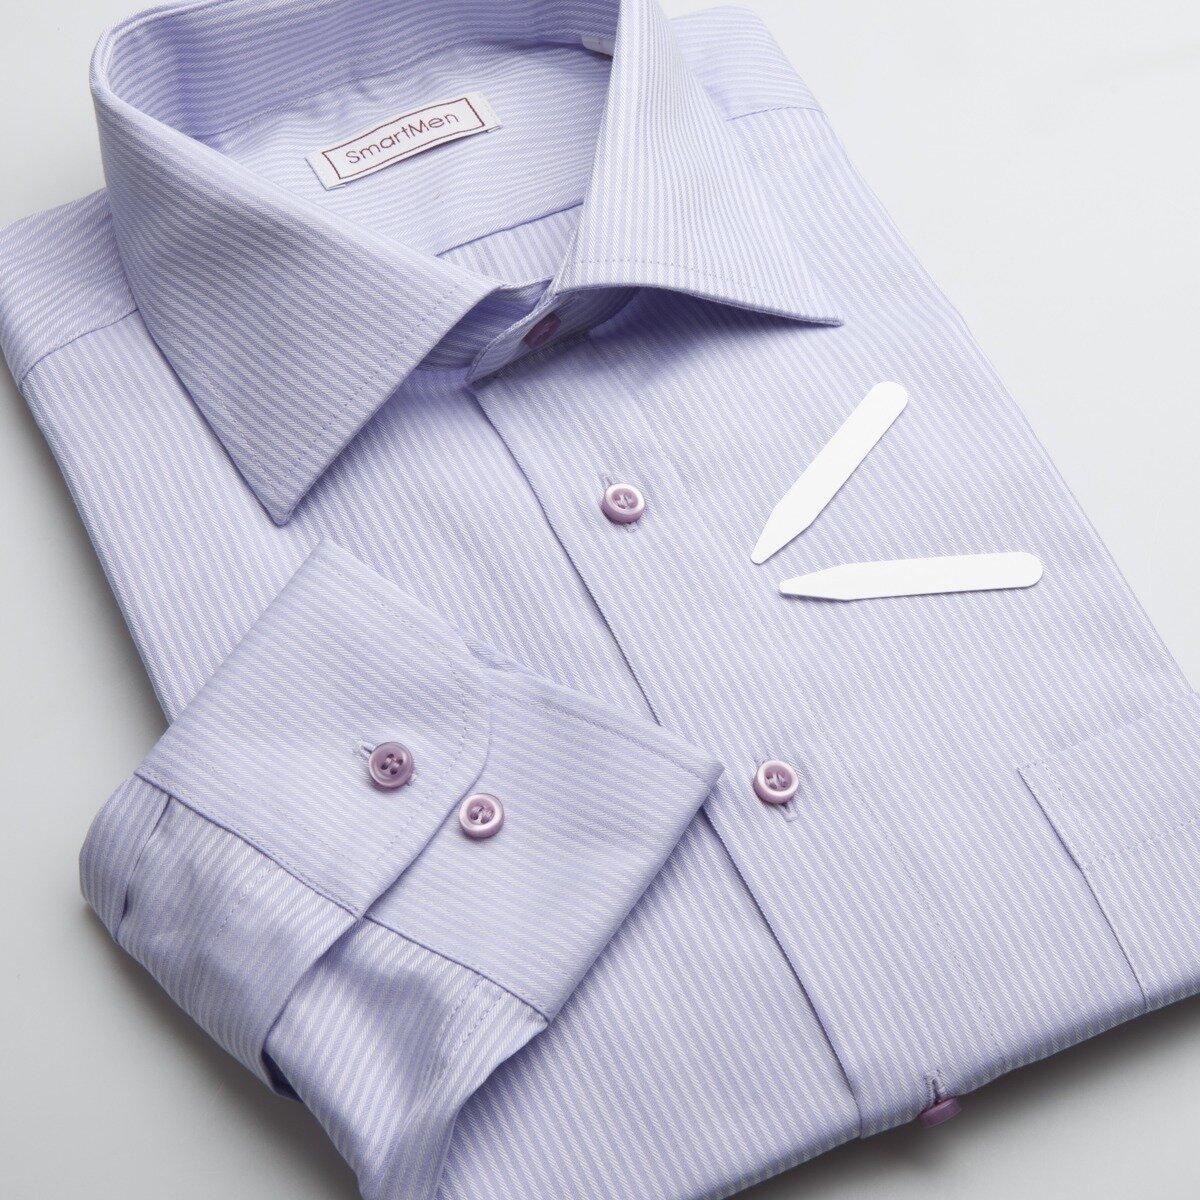 492609d1bfe0 SmartMen.sk  Pánska košeľa fialový prúžok - Business